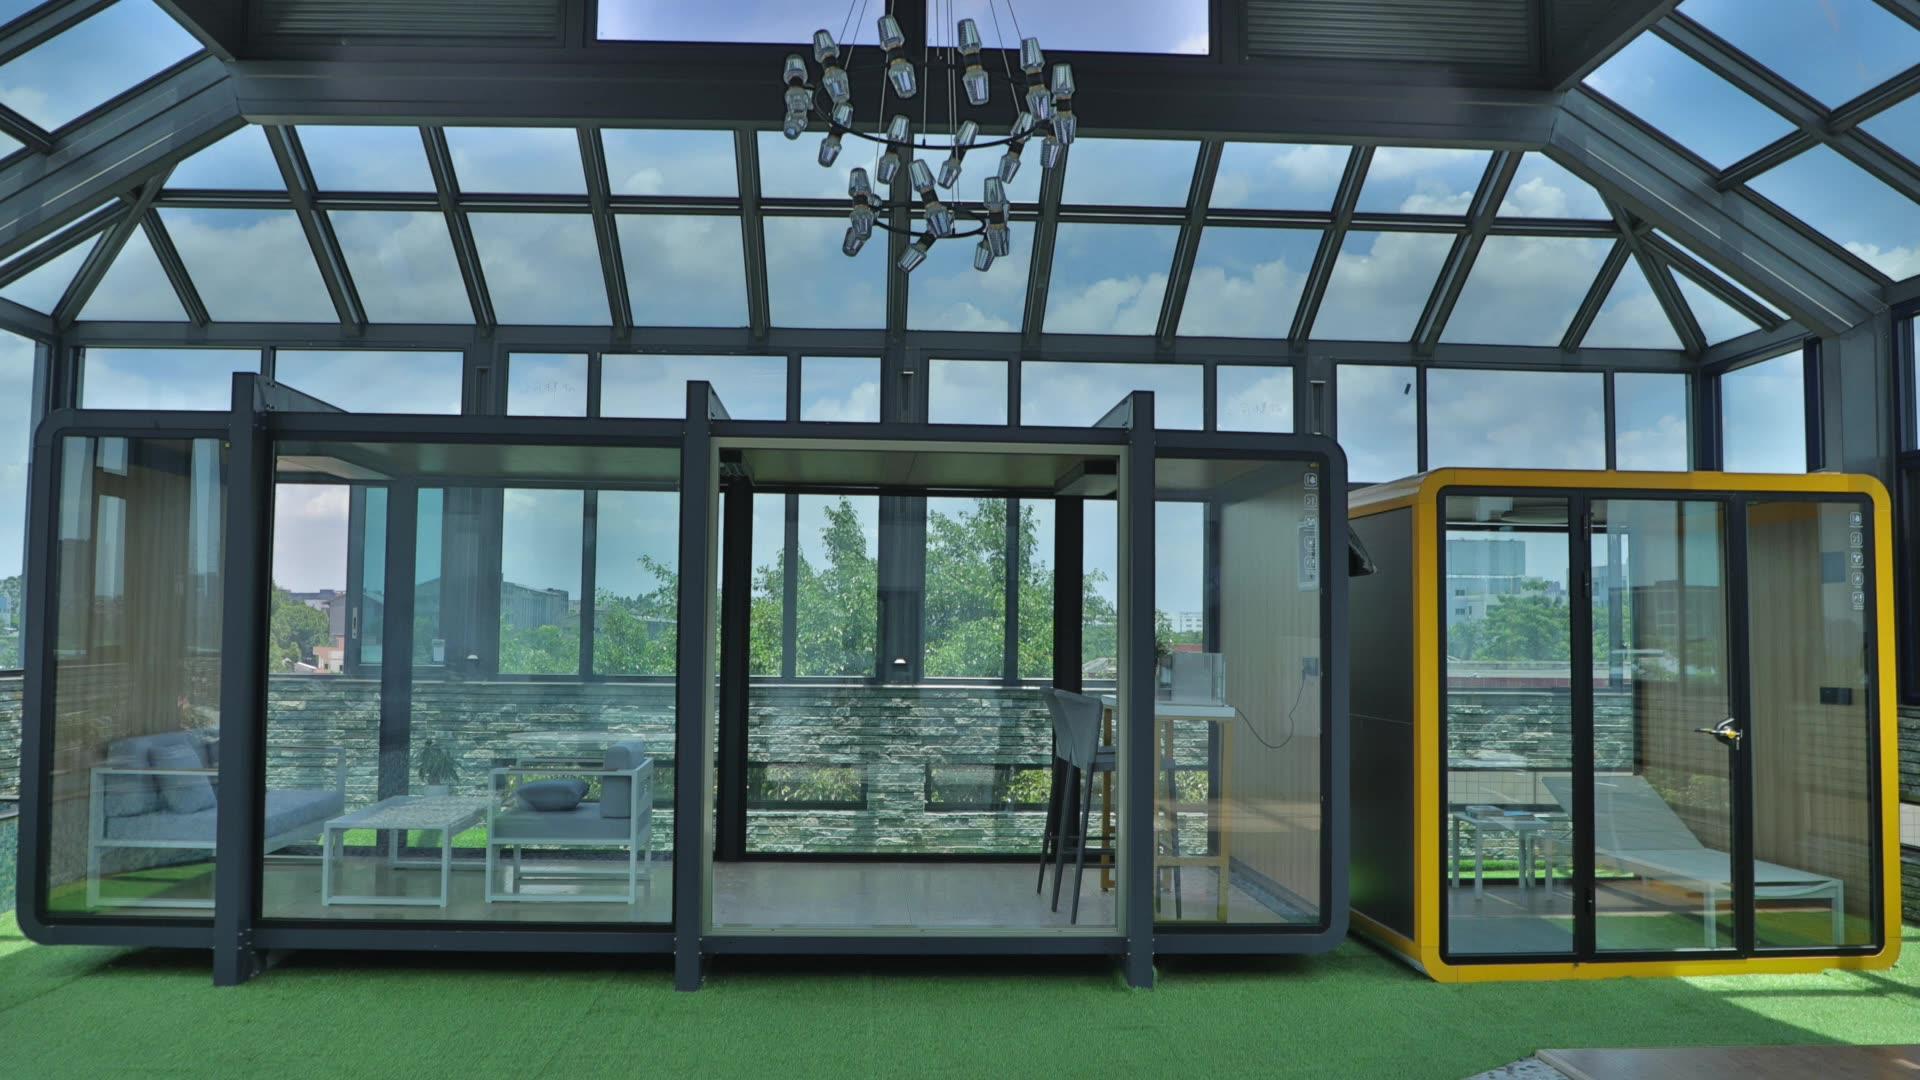 모바일 작은 집 컨테이너 조립식 도매 리조트 호텔 응접실 모듈 집